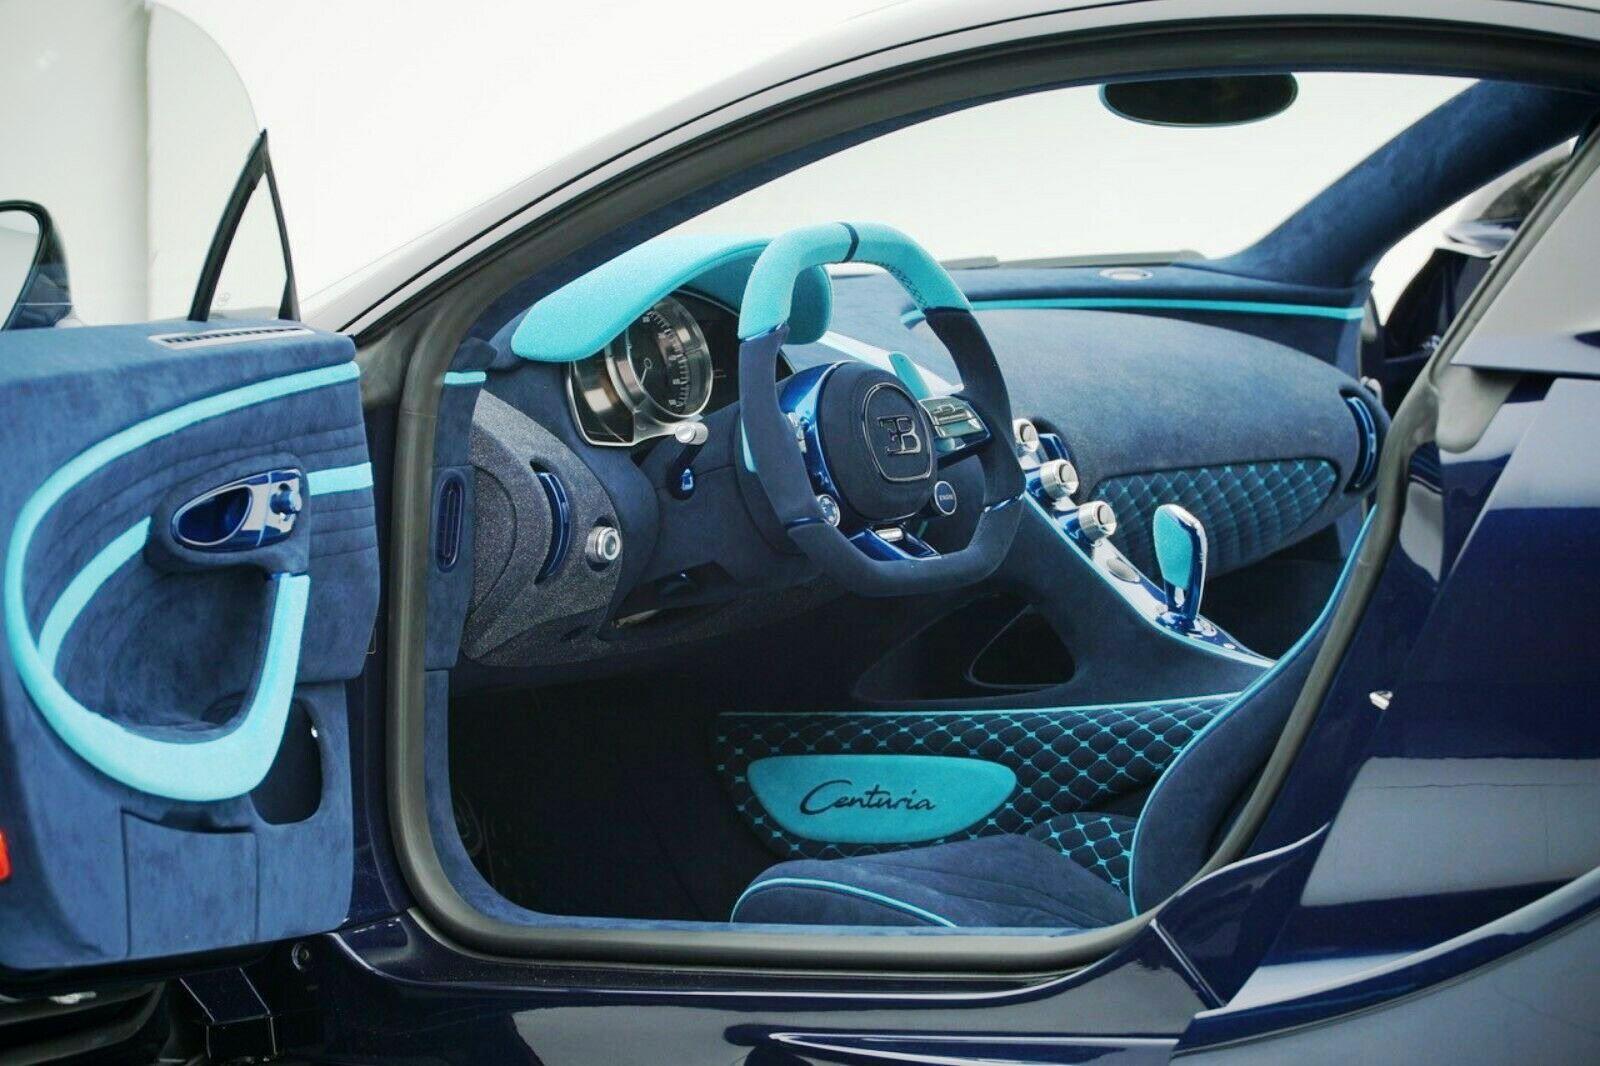 Bugatti-Chiron-Mansory-Centuria-6